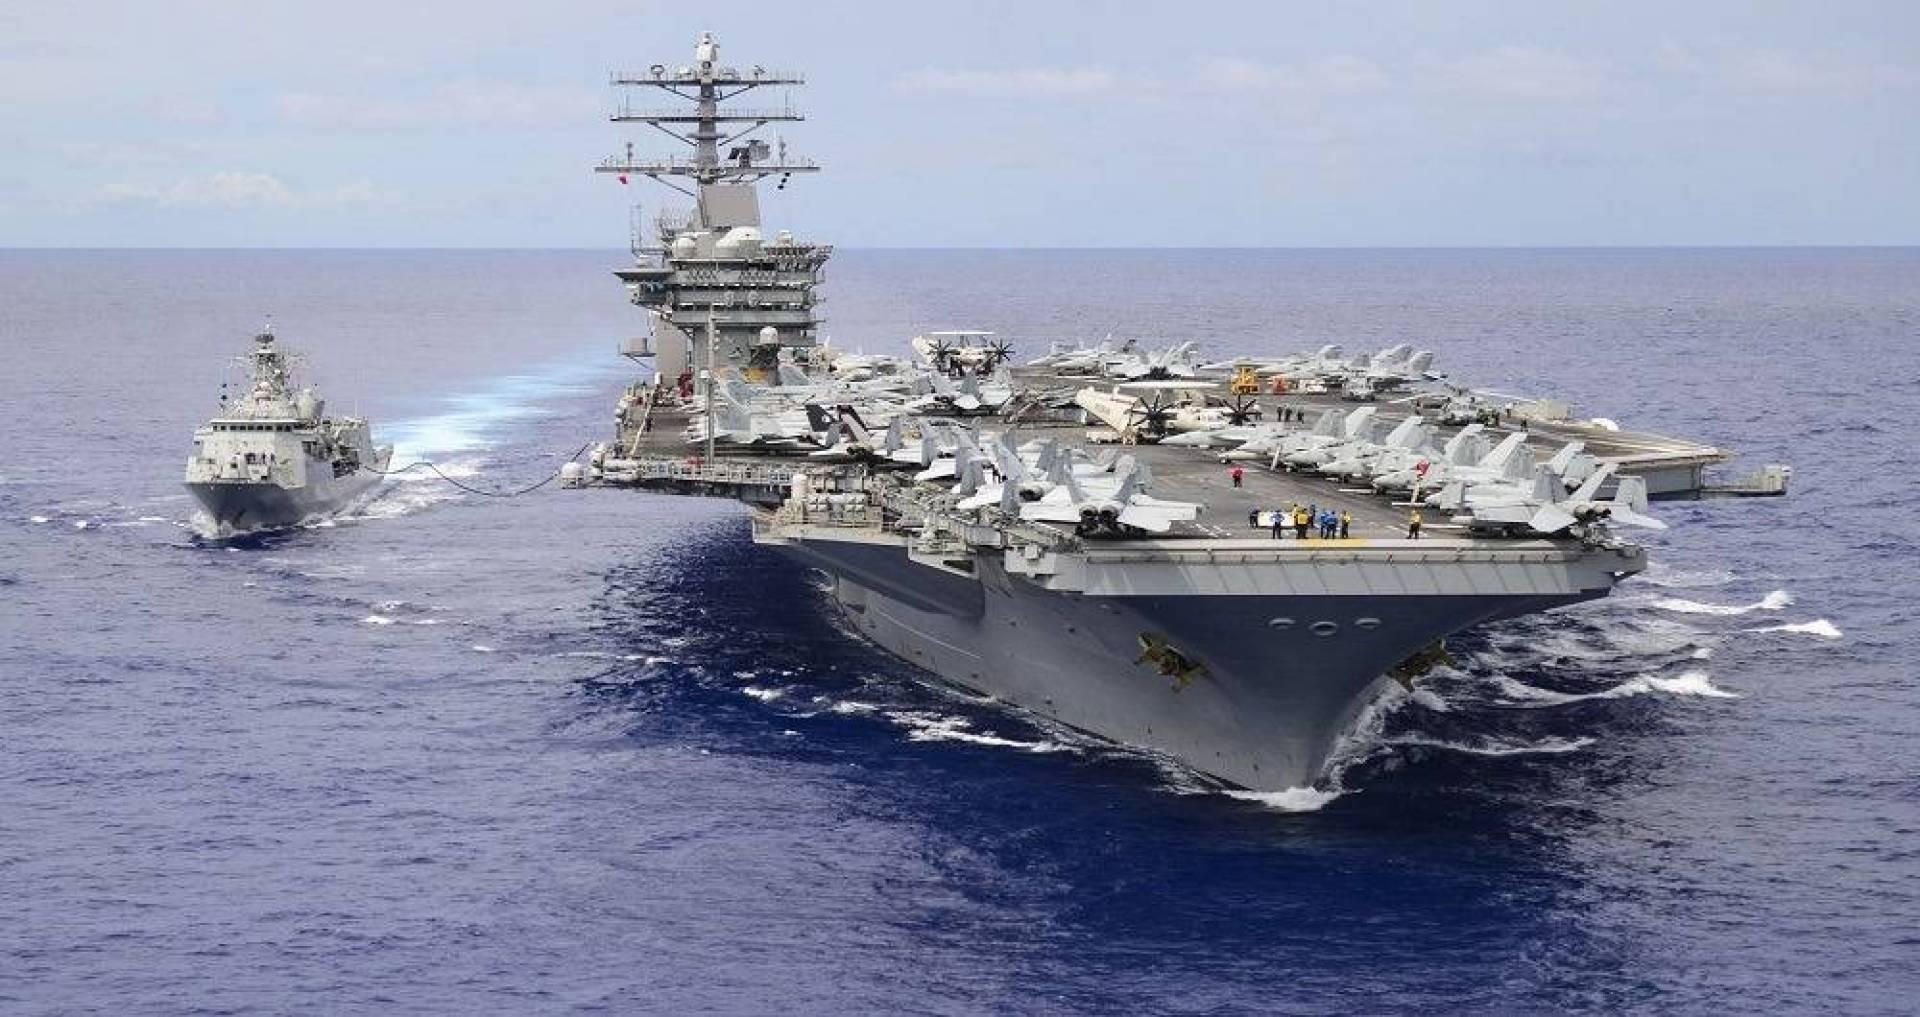 «البنتاغون» يأمر بإعادة تحريك حاملة الطائرات «نيميتز» إلى داخل مياه الخليج العربي